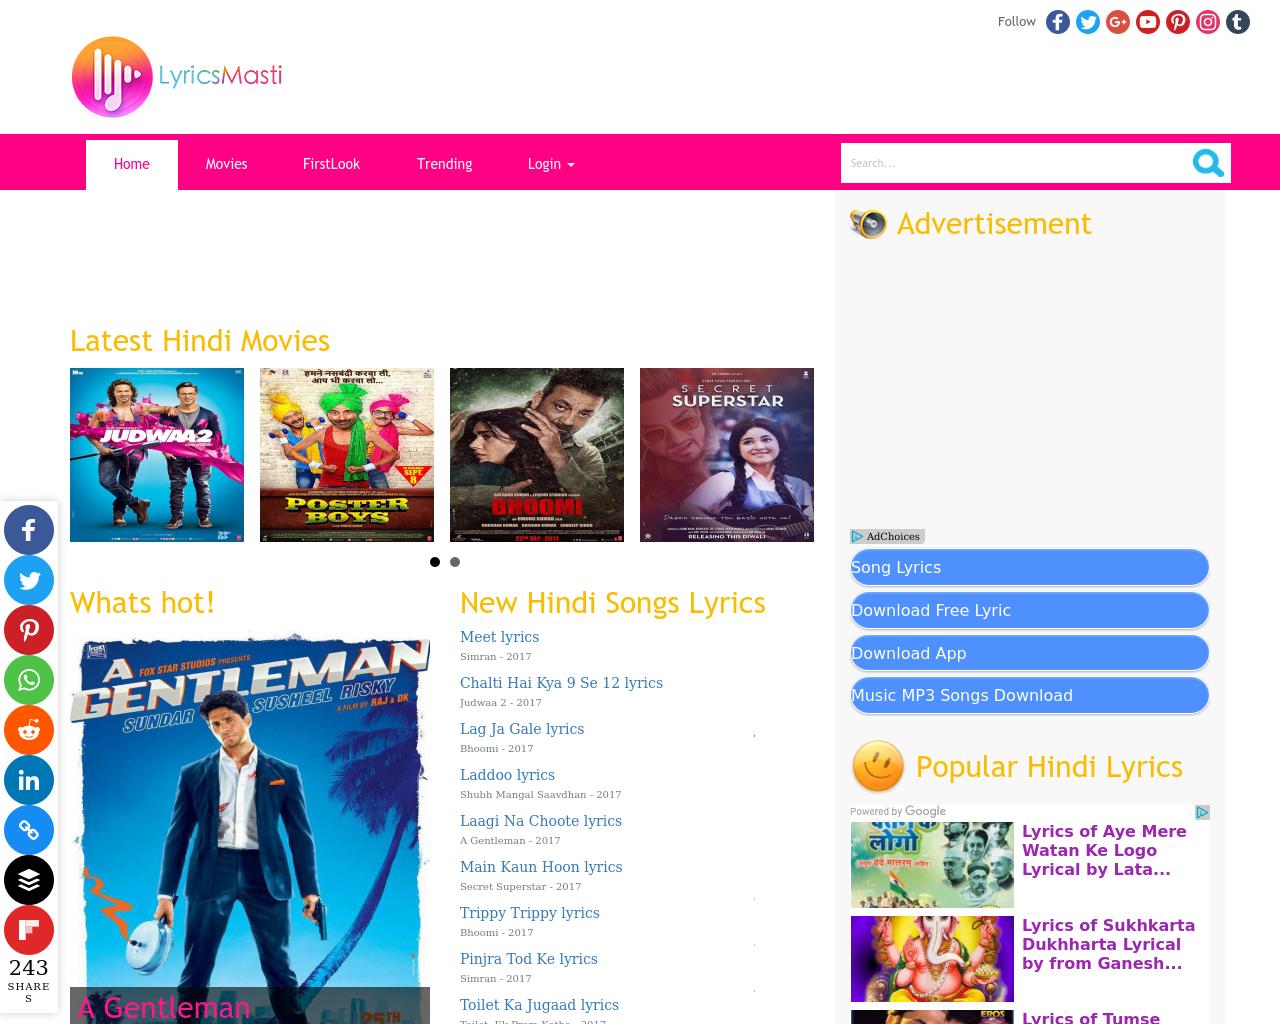 lyrics-masti-Advertising-Reviews-Pricing